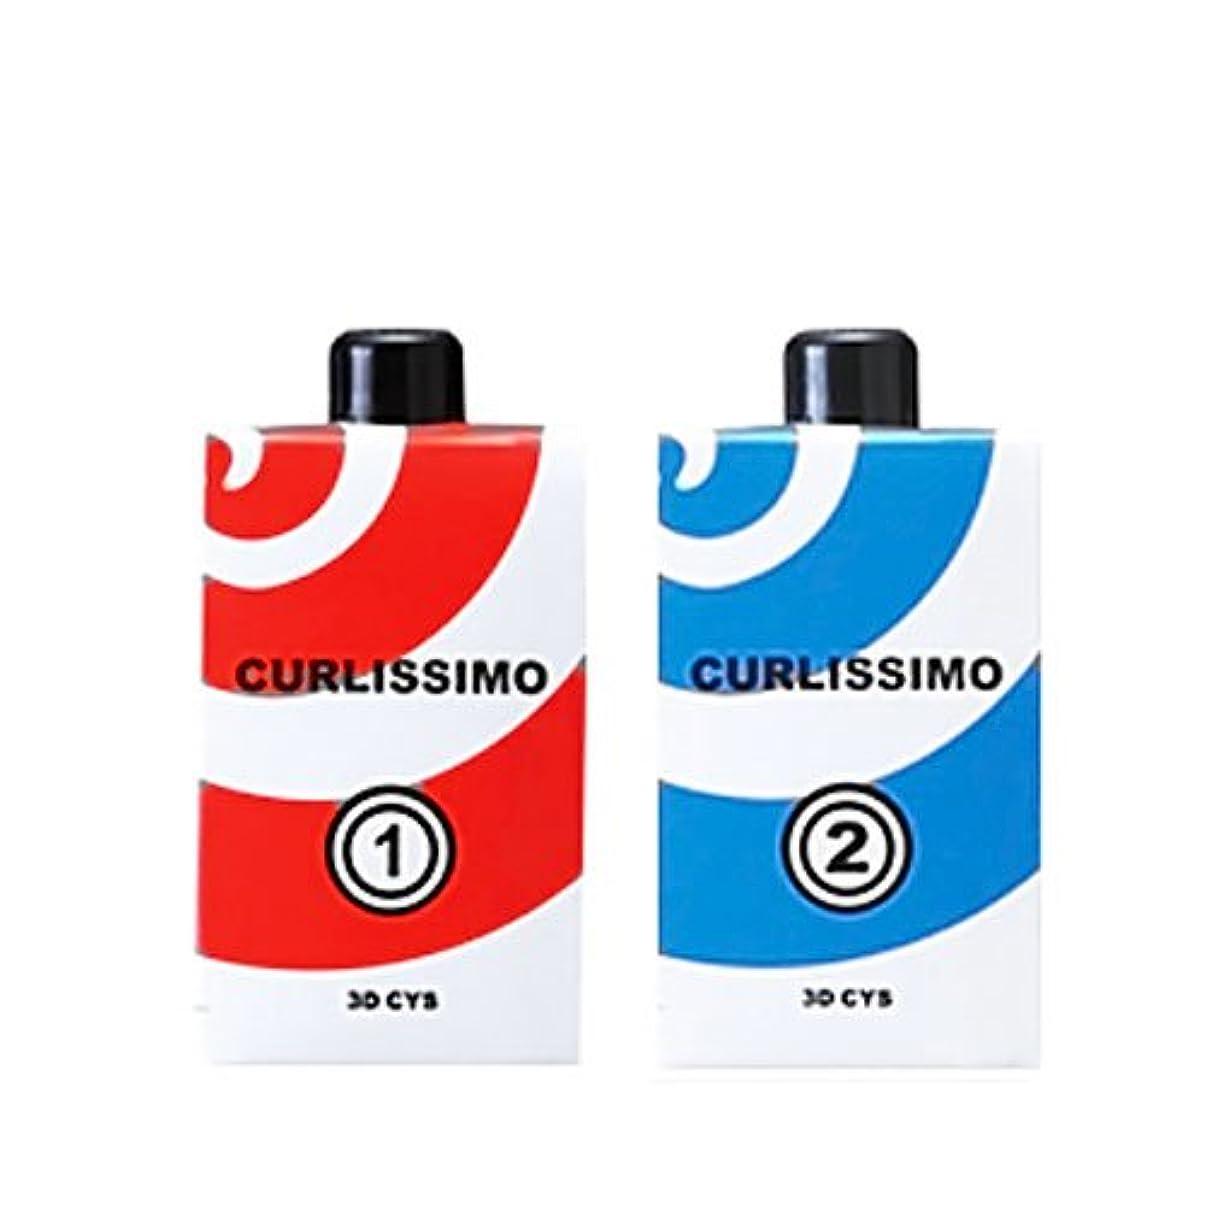 石炭マウス早めるムコタ カーリッシモ 3D CYS(システイン タイプ) 各400ml【パーマ液】【1剤?2剤】MUCOTA CURLISSIMO